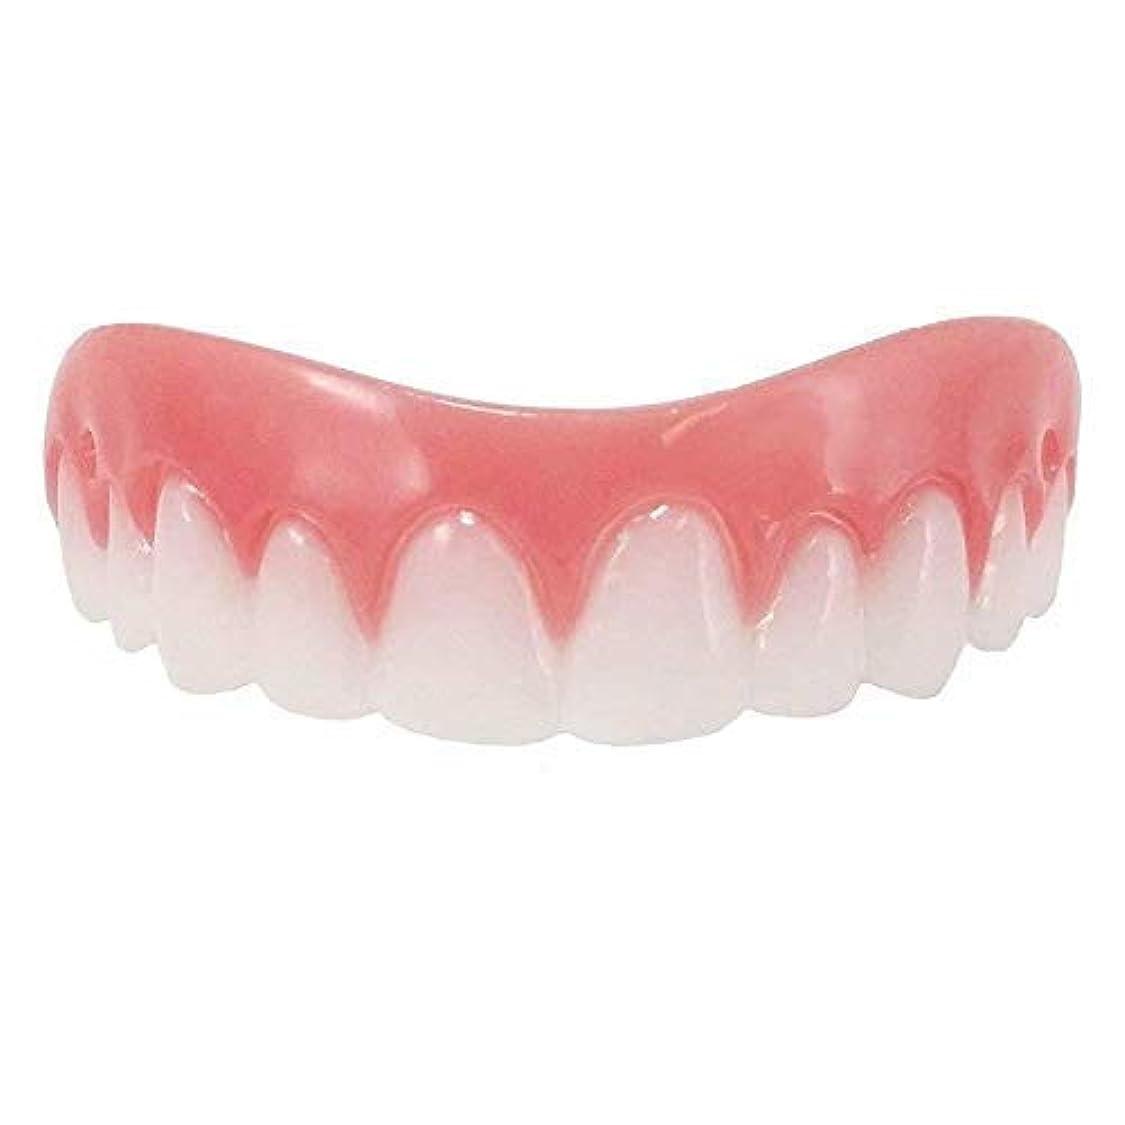 オーチャード生態学沿ってcocorave 美容用 入れ歯 上歯 審美付歯 入歯 矯正 義歯